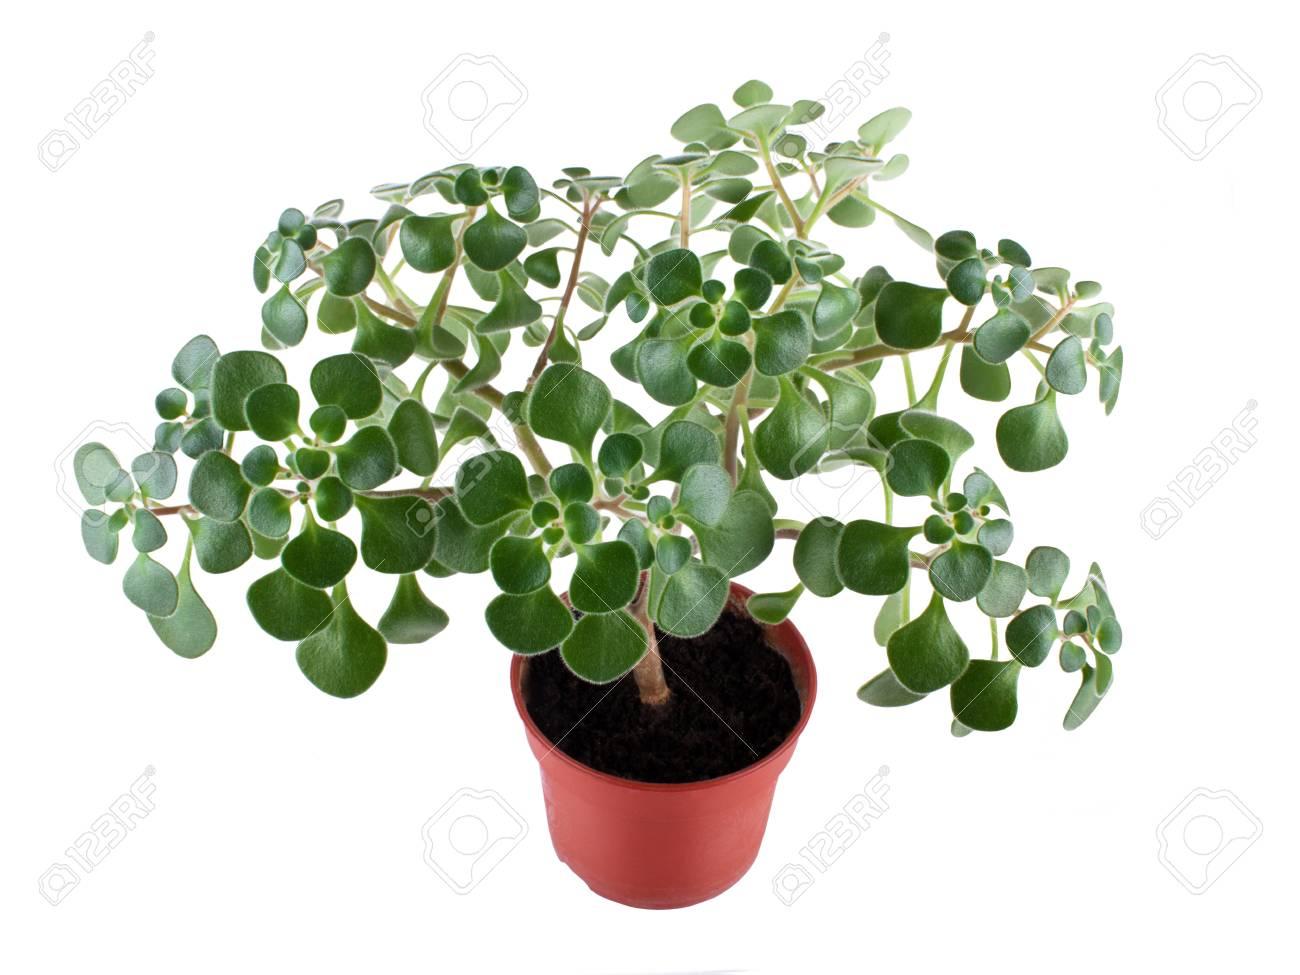 Plante Maison Verte En Pot De Fleurs Isolee Sur Fond Blanc Banque D Images Et Photos Libres De Droits Image 33131654